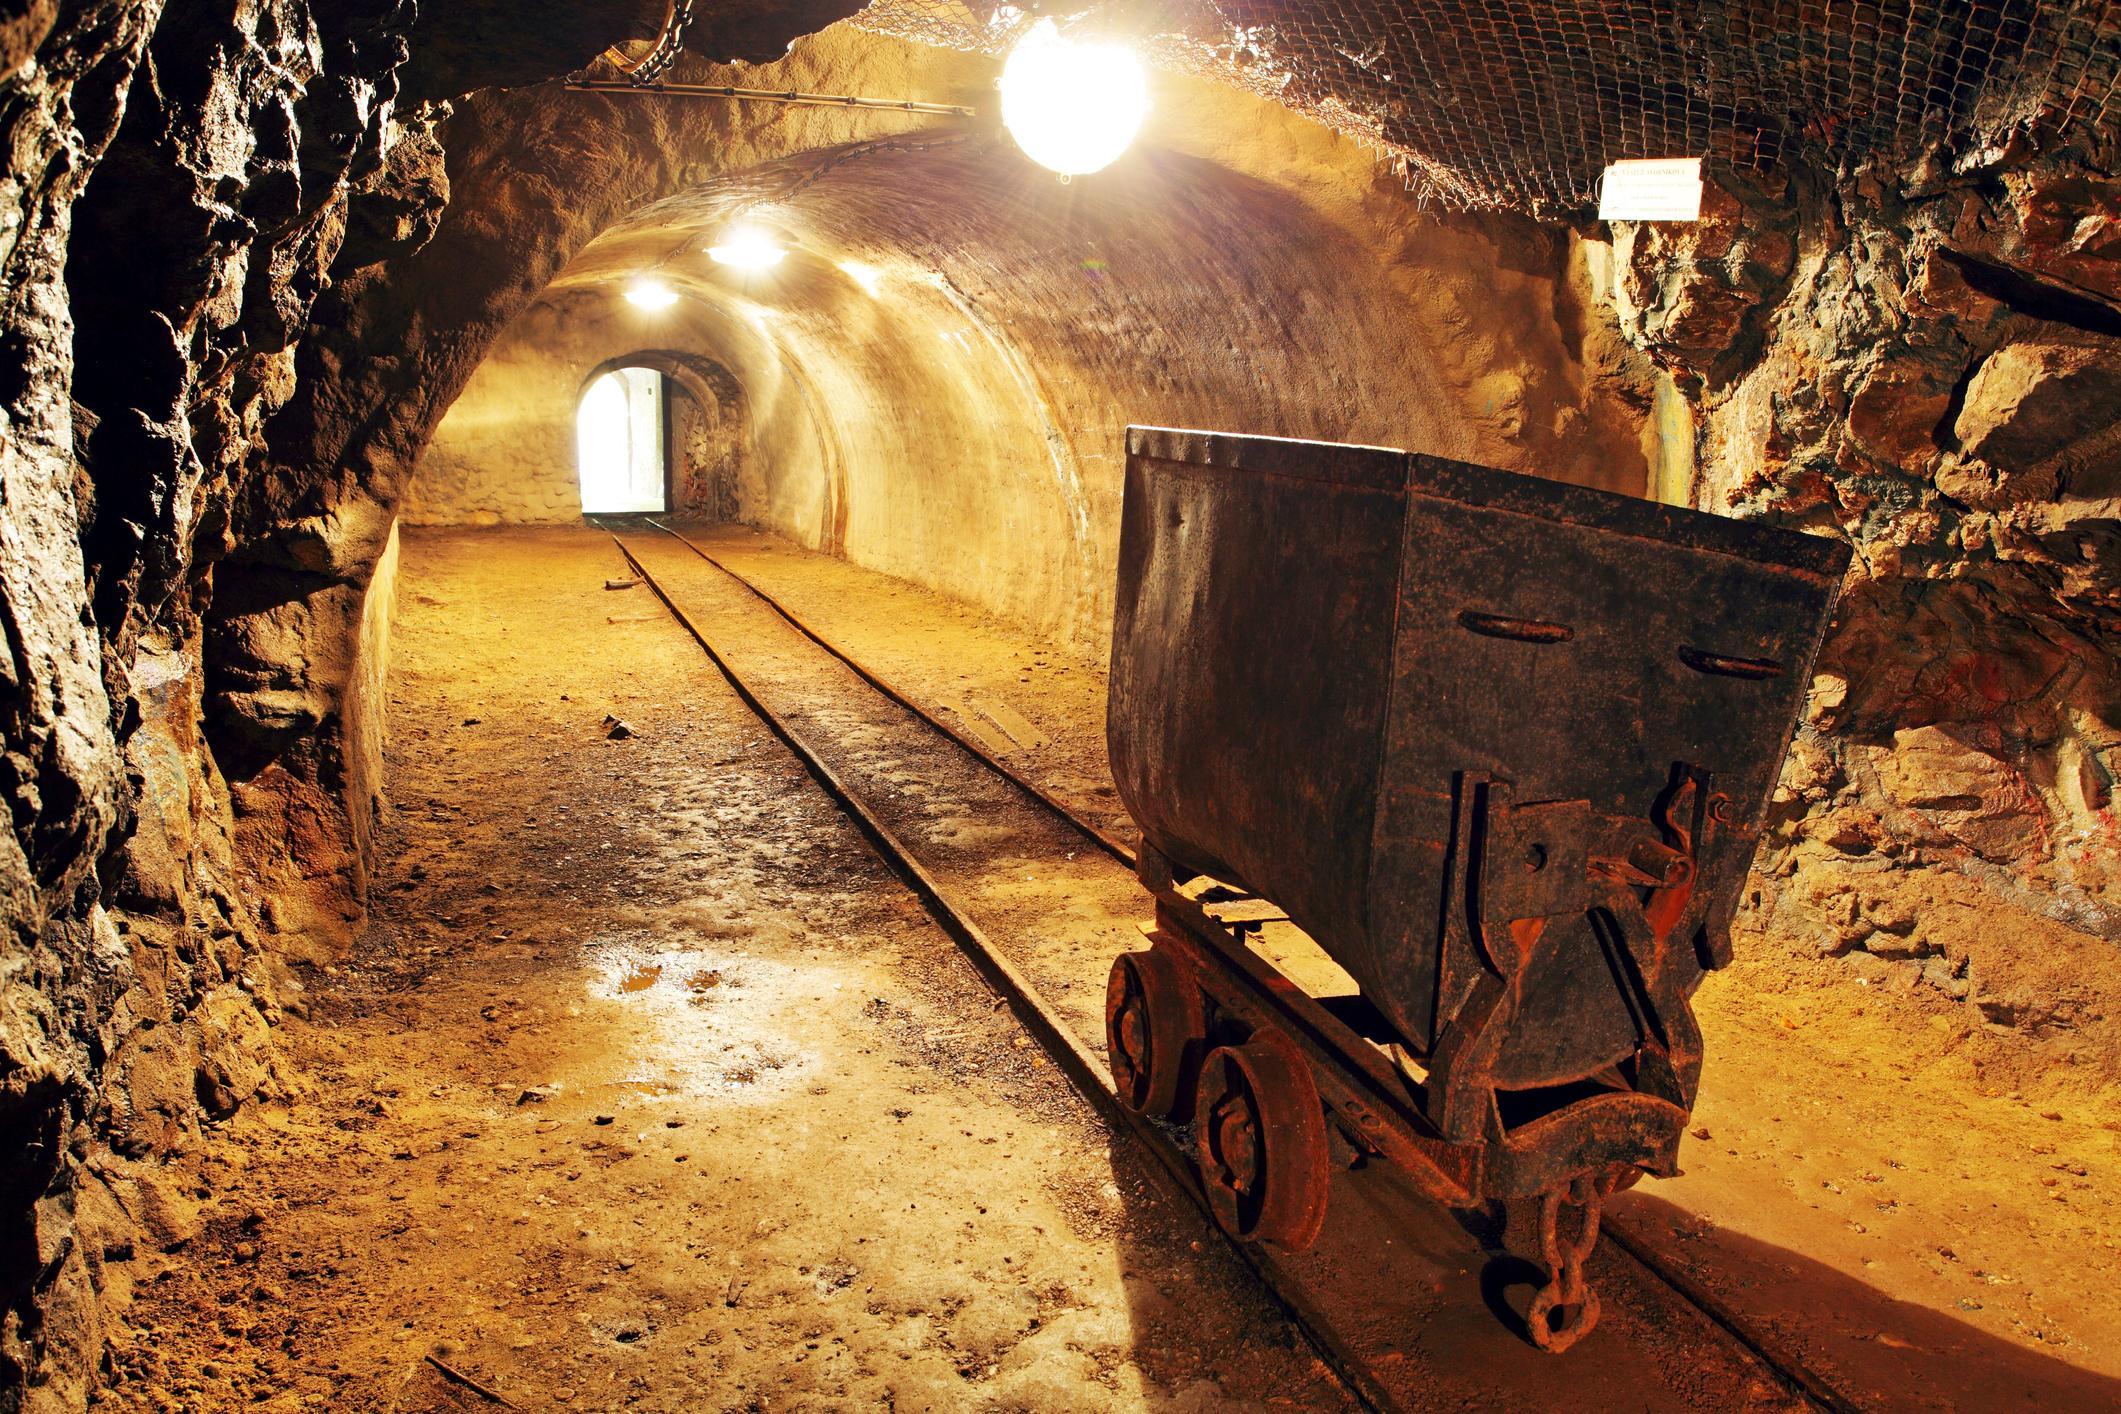 Gold mine underground with rail track.